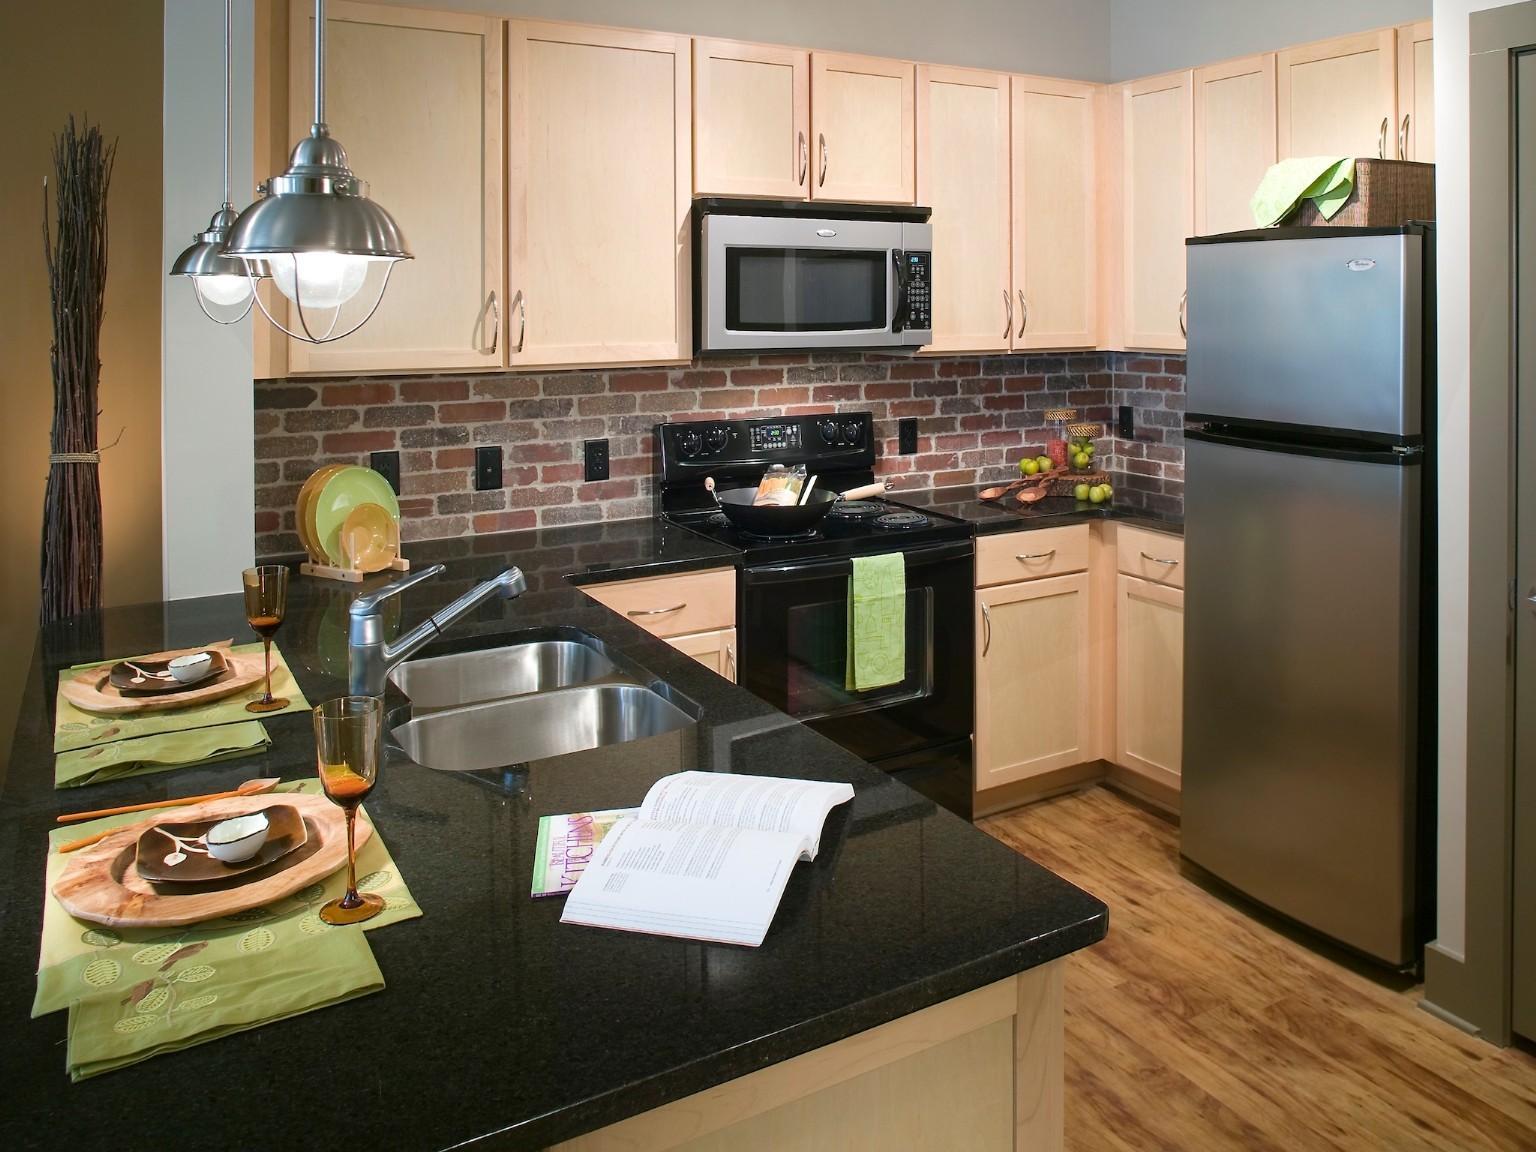 Gables 820 West Apartments photo #1